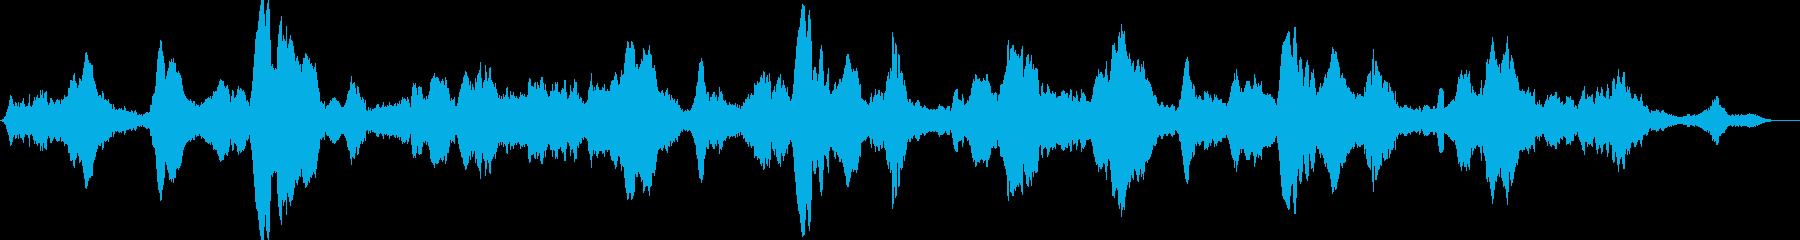 不安や不穏さを感じる乾燥した暗い不協和音の再生済みの波形